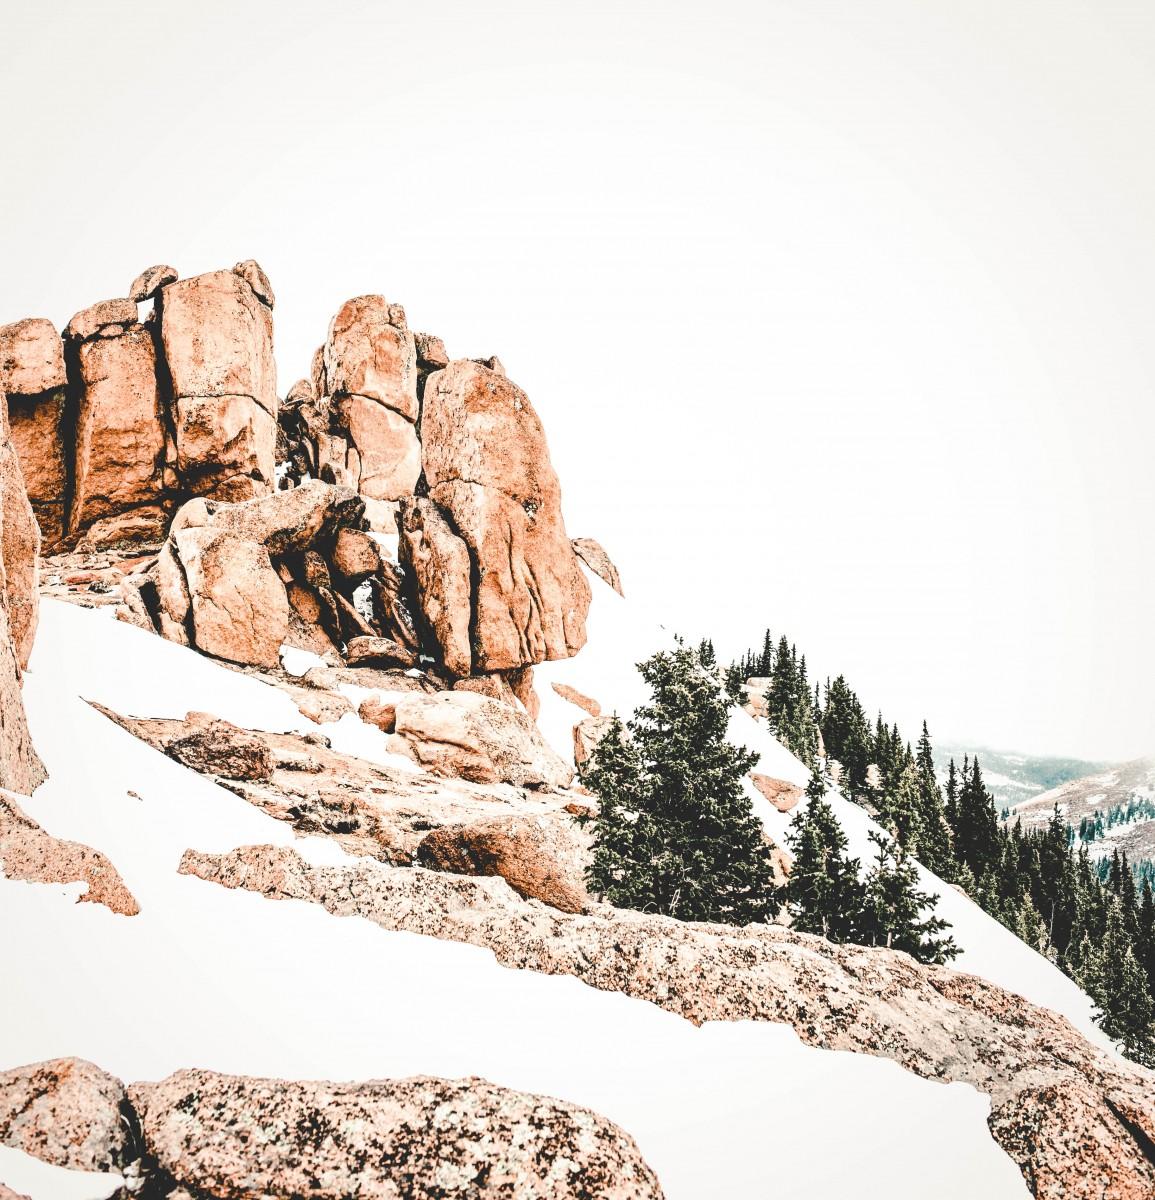 Snowy winter in Pikes Peak